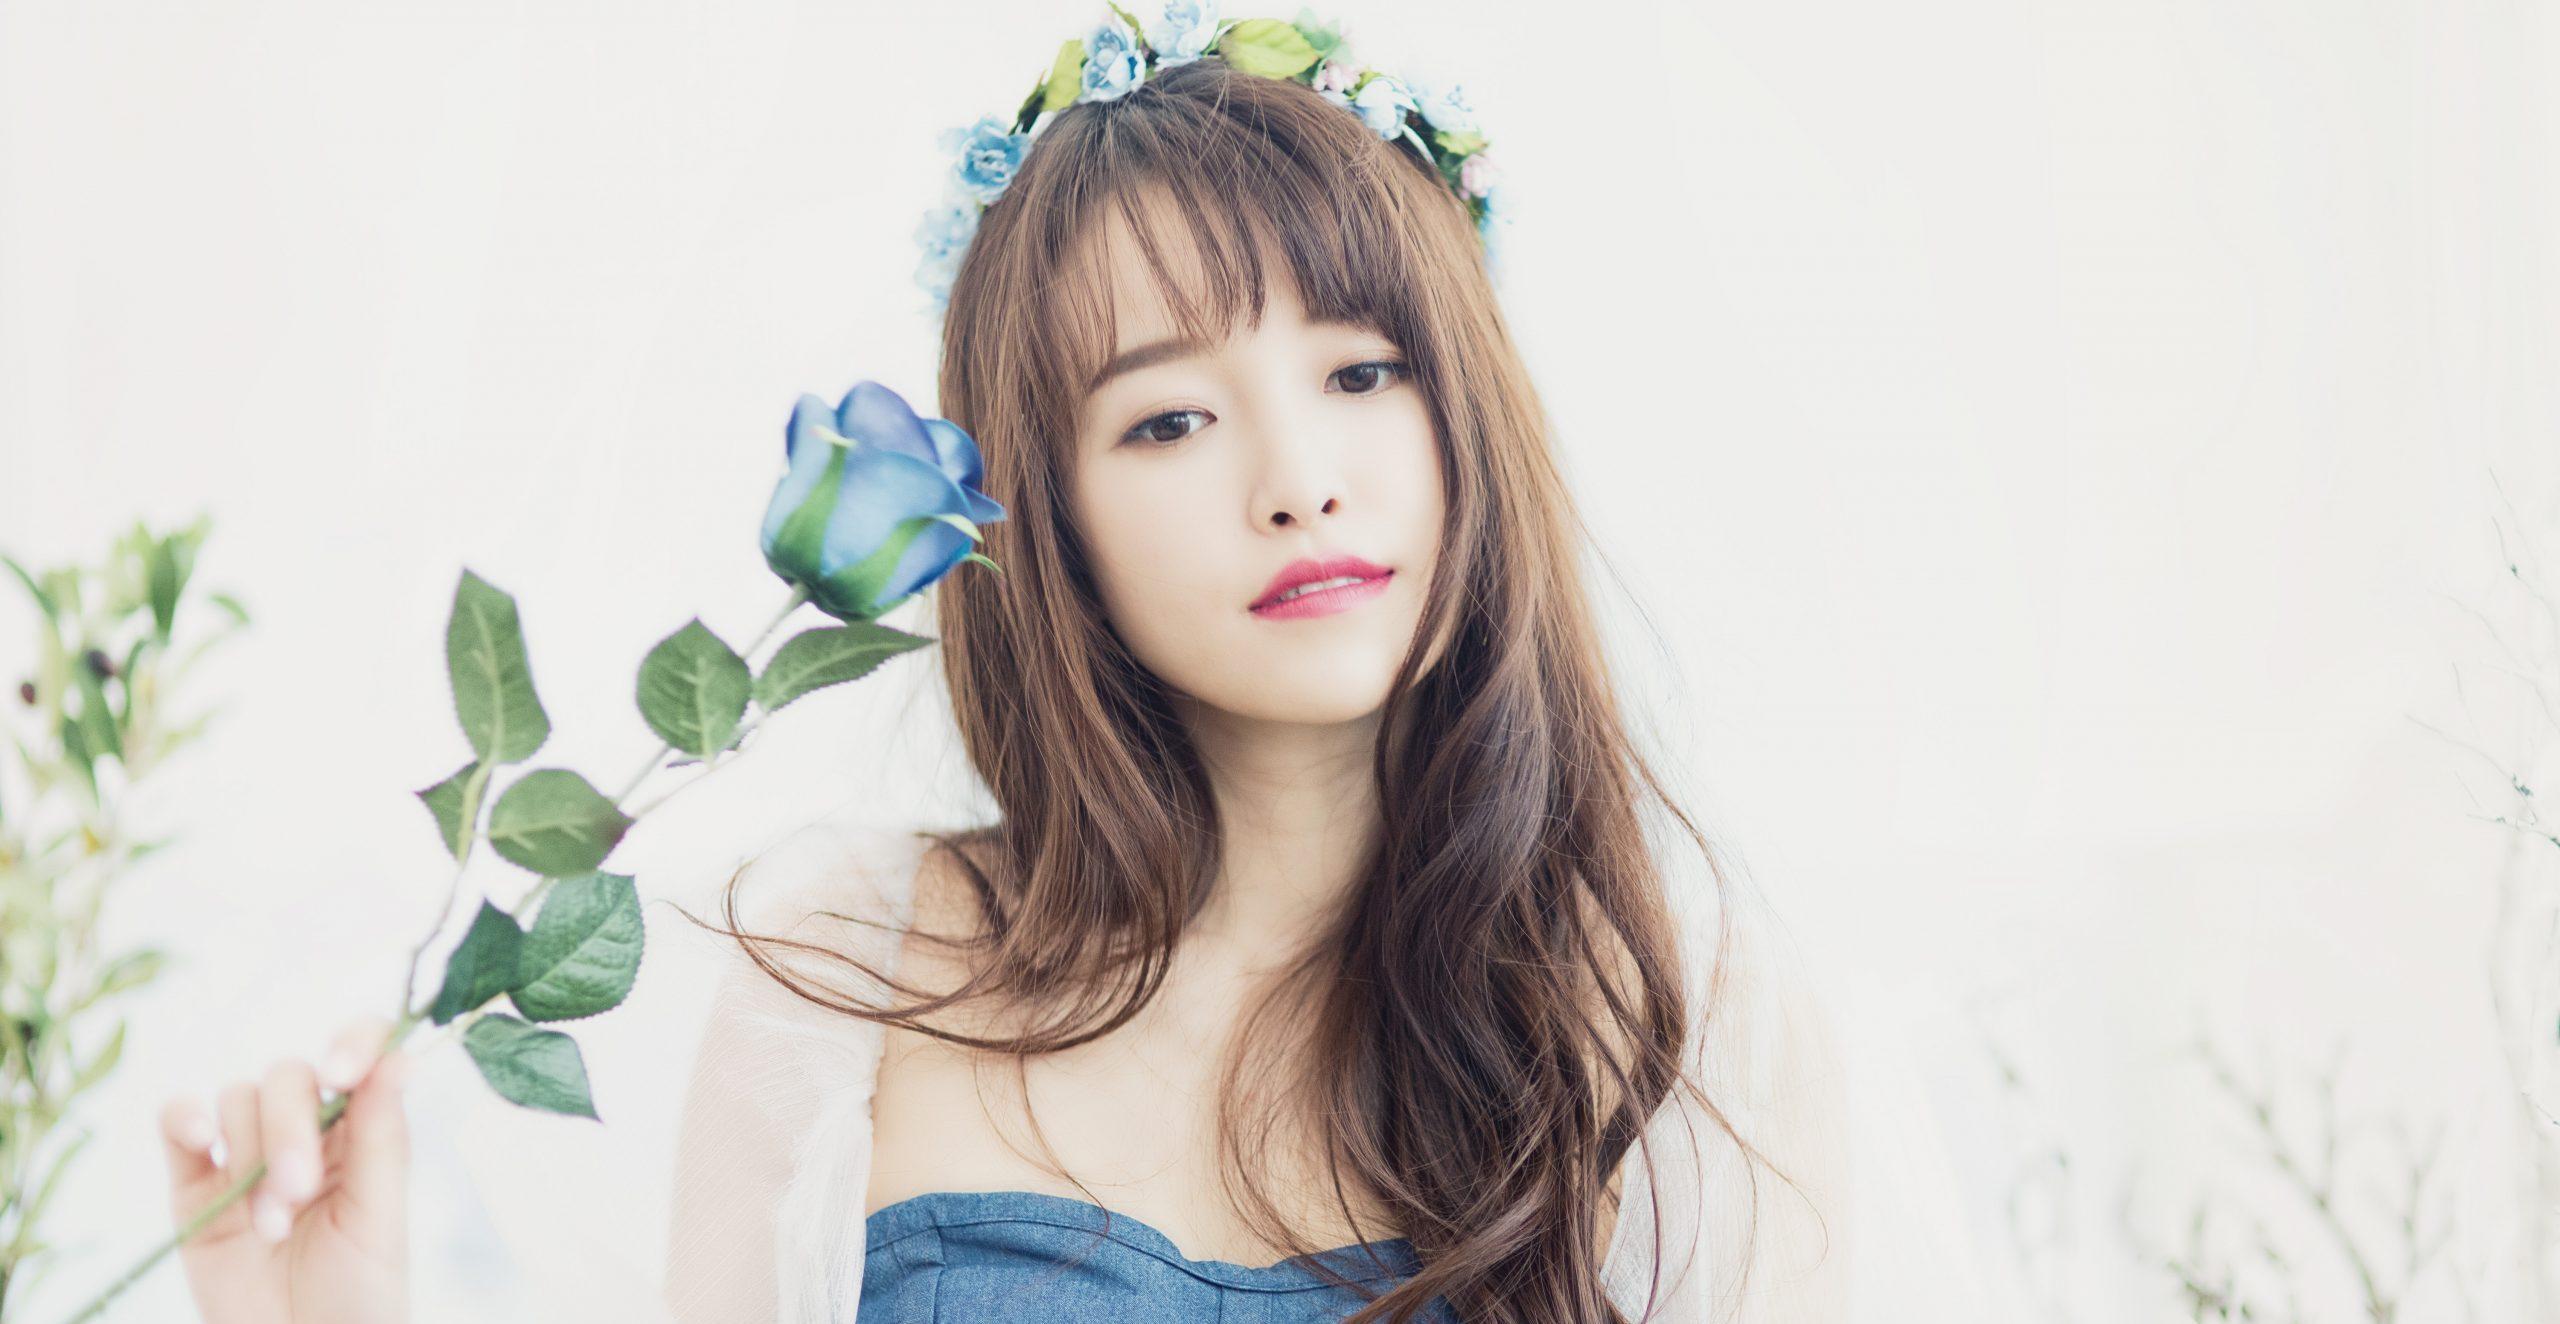 Leleplezzük a koreai nők tökéletes bőrének titkát!